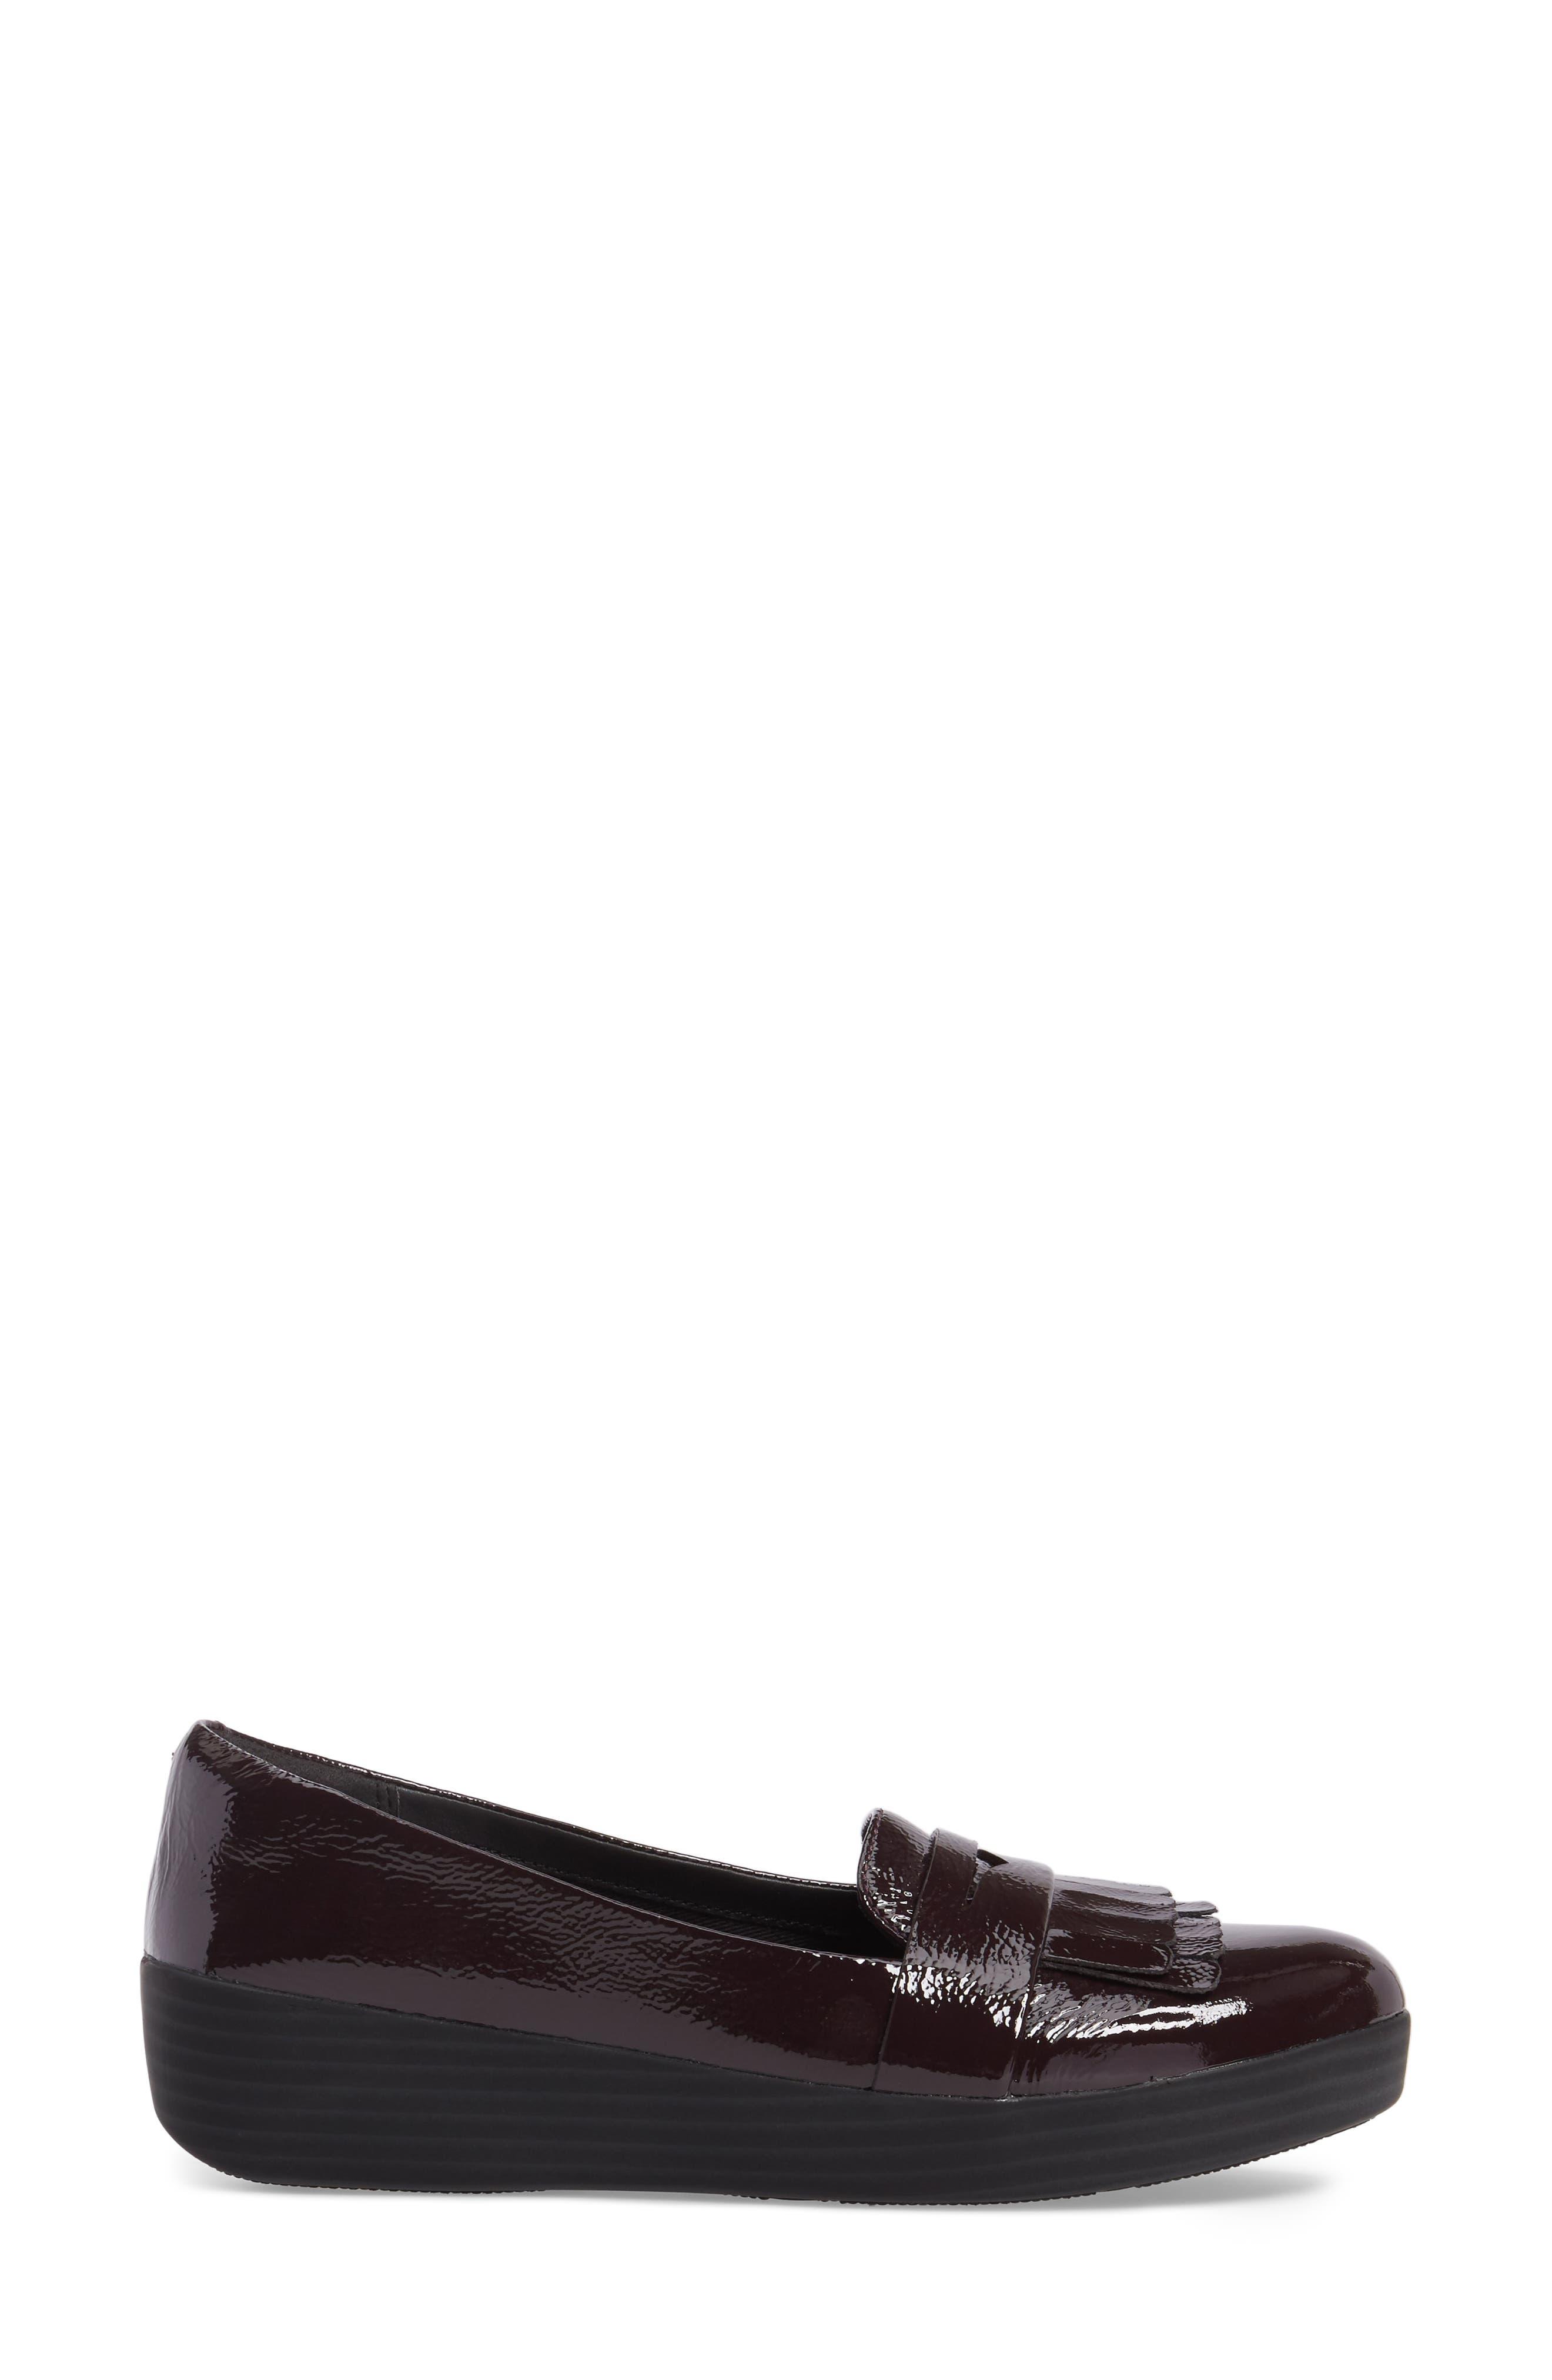 Fringey Sneakerloafer Slip-On,                             Alternate thumbnail 3, color,                             Deep Plum Leather